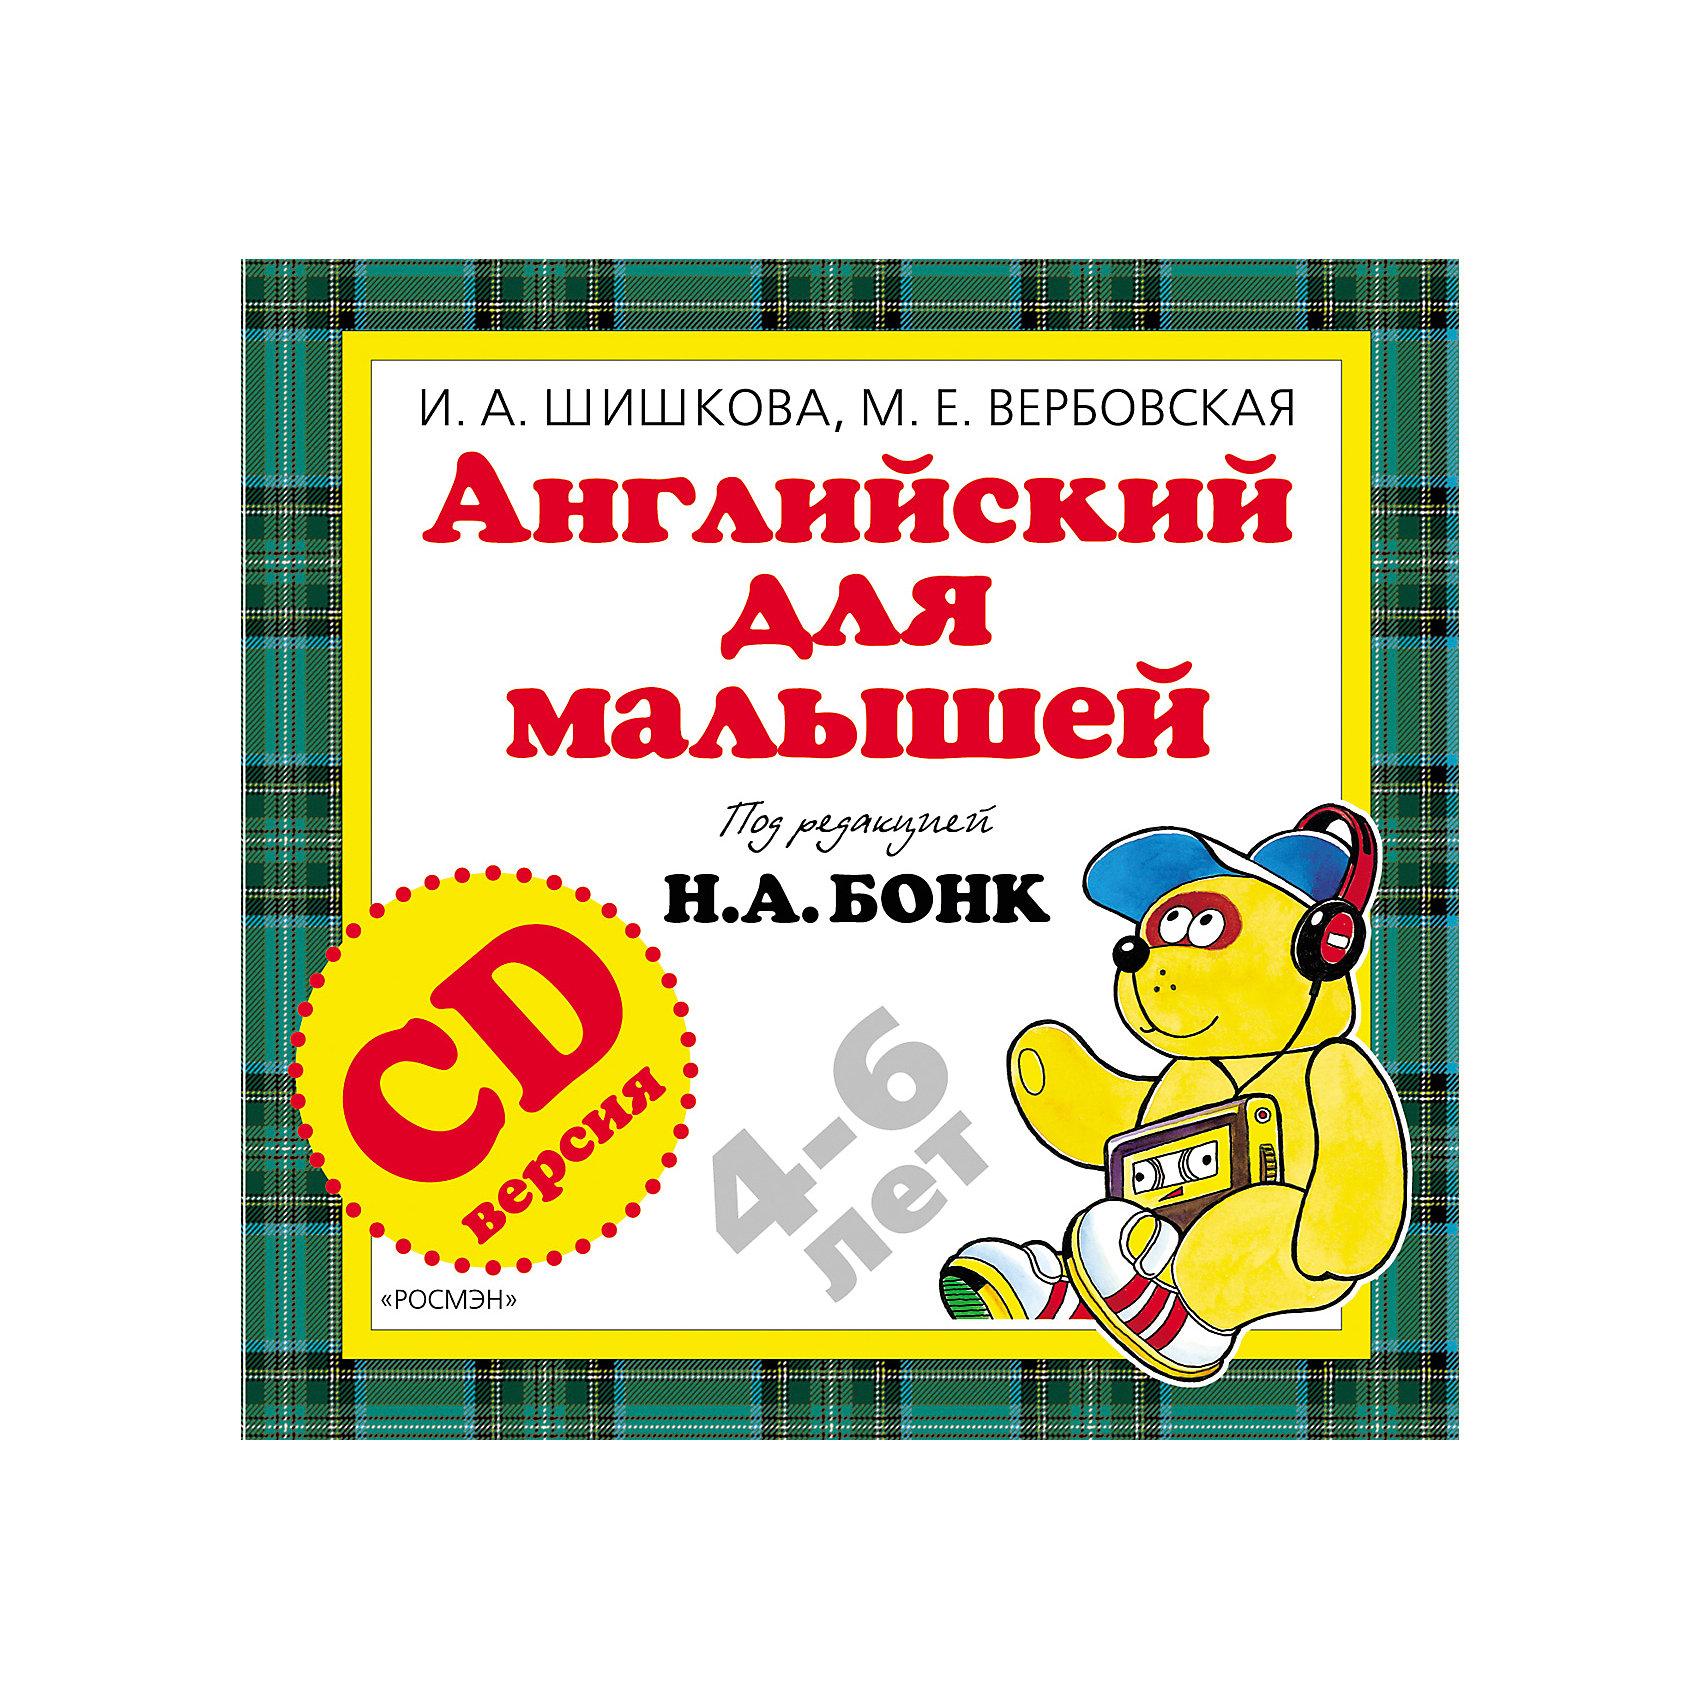 Компакт-диск (CD-аудио) Аглийский для малышейХарактеристики товара:<br><br>- цвет: разноцветный;<br>- формат: CD;<br>- развивающее издание.<br><br>Аудиоприложение к учебно-методическому комплекту Английский для малышей. Это проработанное развивающее издание станет отличным подарком для родителей и ребенка. Оно содержит в себе материалы, которые помогут ребенку познакомиться с английским и закрепить пройденный материал. Простые задания помогут освоить начальные знания и привить любовь к учебе! В комплект входит учебник и рабочая тетрадь.<br>Выполнение таких заданий помогает ребенку развивать зрительную память, концентрацию внимания и воображение. Издание произведено из качественных материалов, которые безопасны даже для самых маленьких.<br><br>Компакт-диск (CD-аудио) Аглийский для малышей от компании Росмэн можно купить в нашем интернет-магазине.<br><br>Ширина мм: 125<br>Глубина мм: 143<br>Высота мм: 12<br>Вес г: 80<br>Возраст от месяцев: 36<br>Возраст до месяцев: 72<br>Пол: Унисекс<br>Возраст: Детский<br>SKU: 5110226